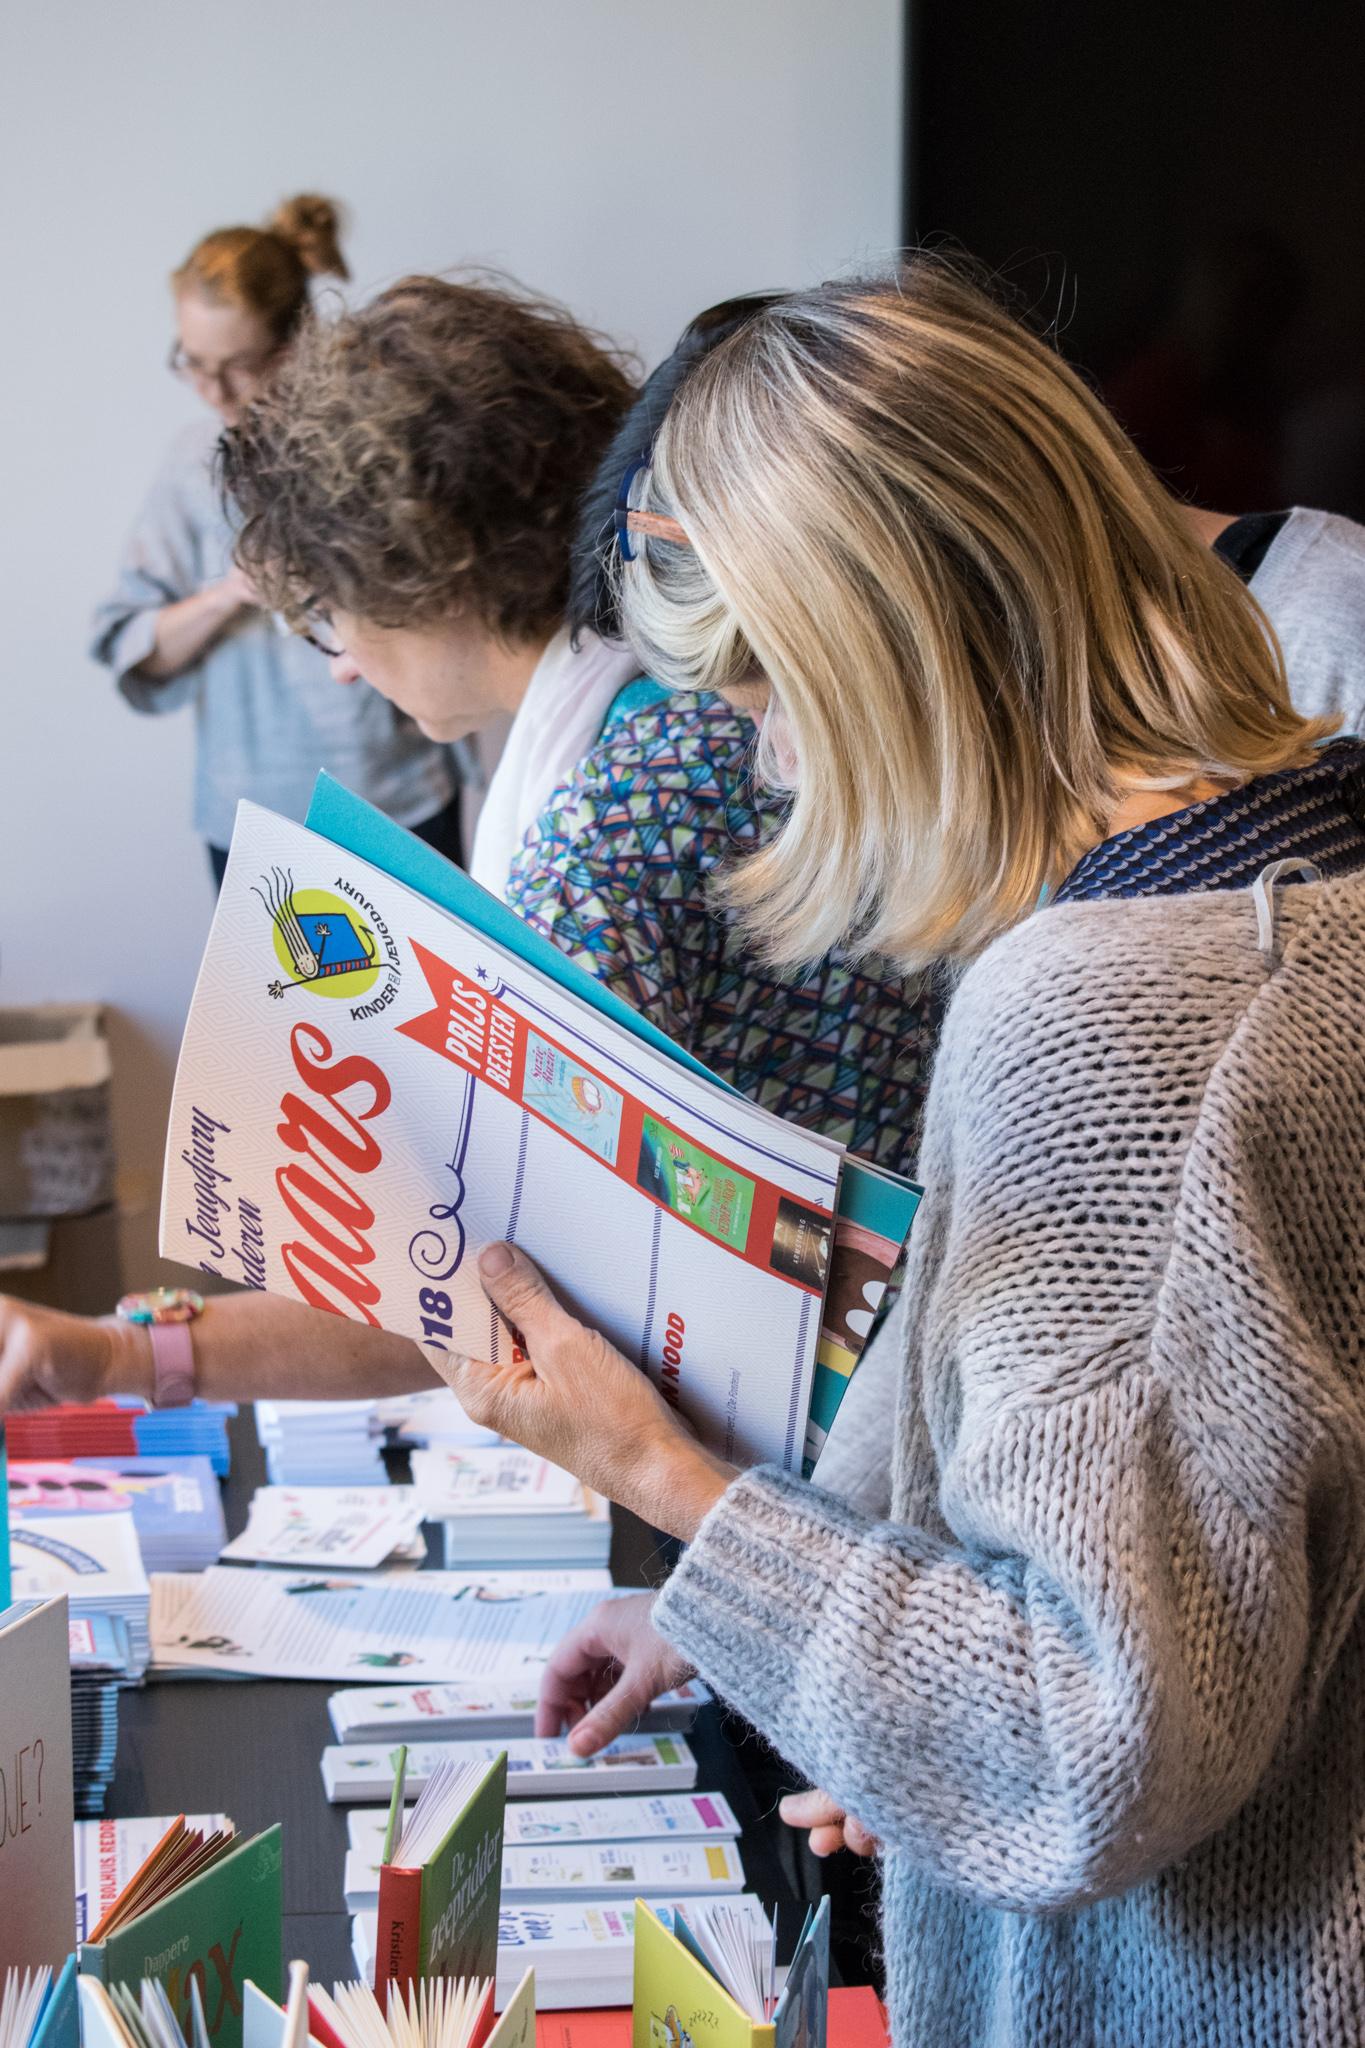 leerkrachten ontdekken promotiematerialen over lezen